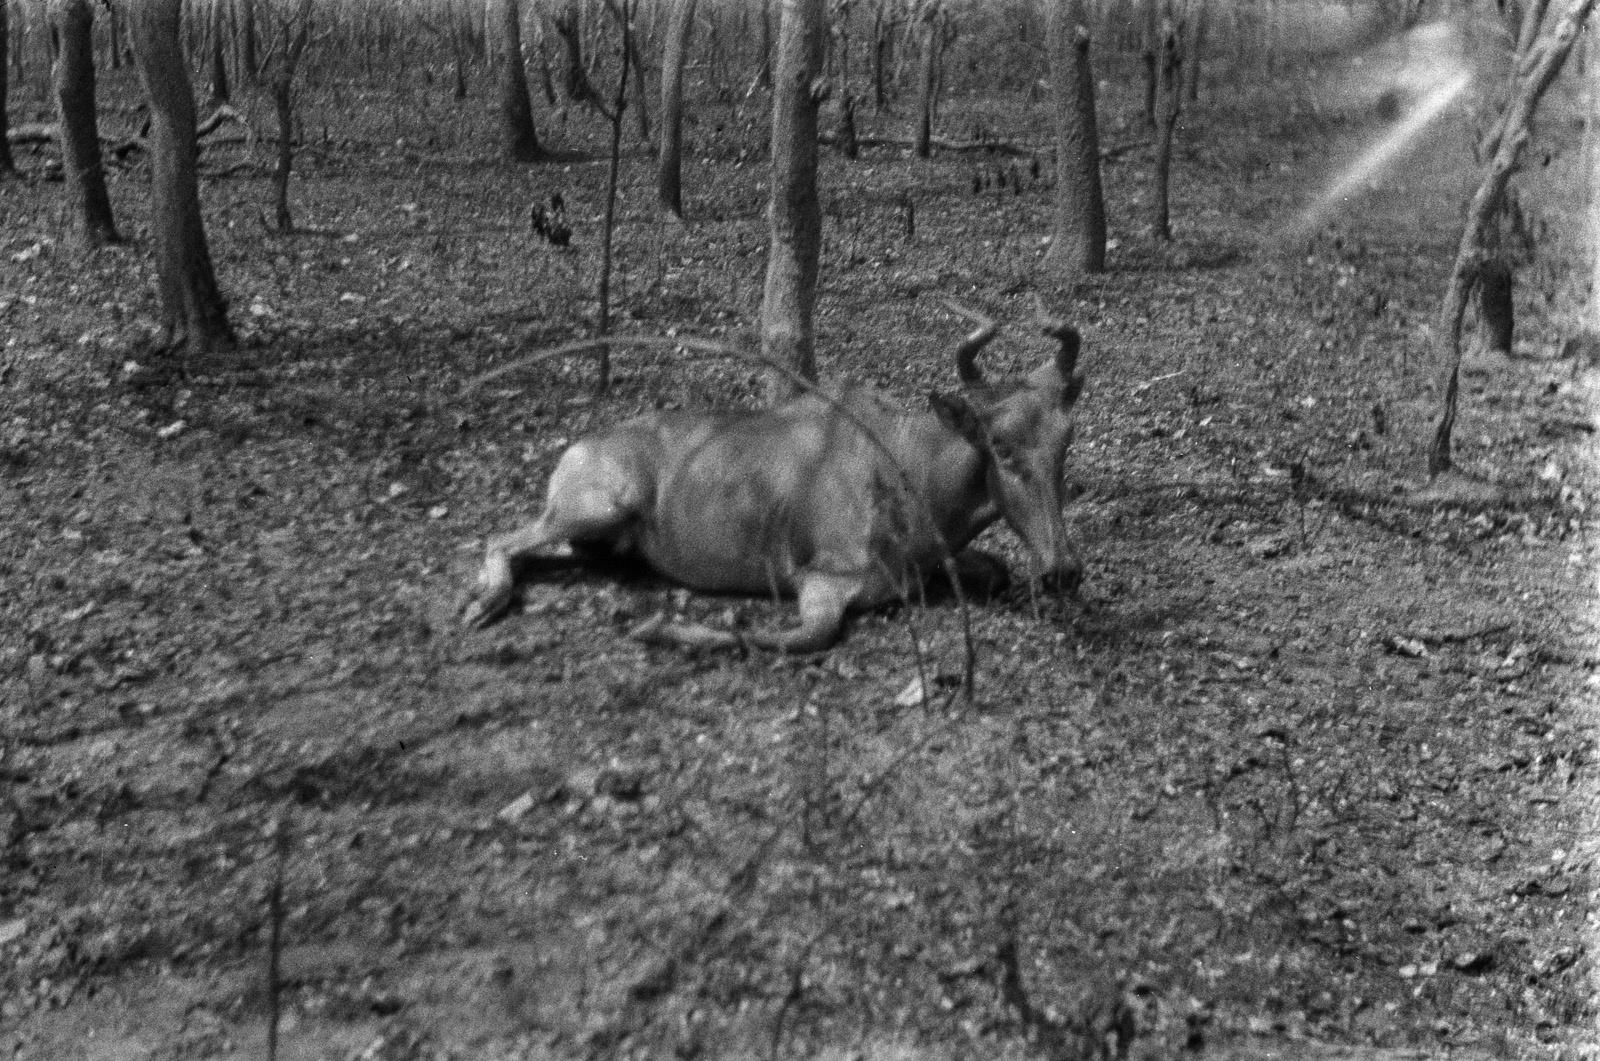 Касемпа. Убитая антилопа